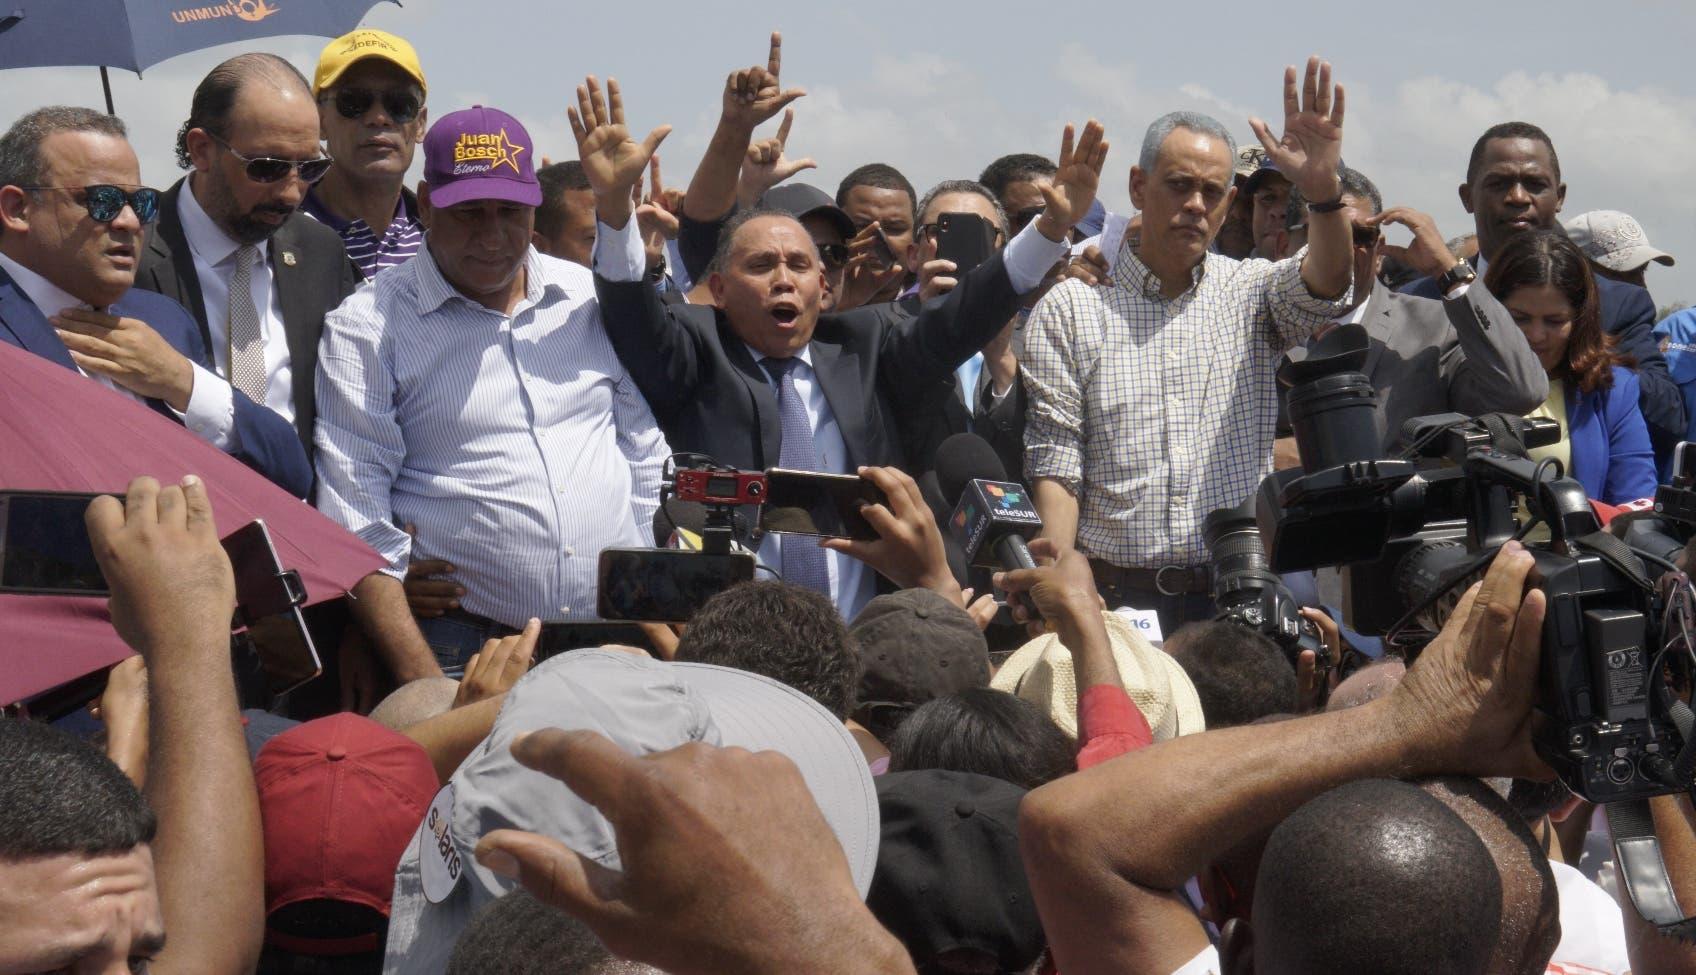 Los leonelistas  anunciaron  nueva   lucha  en defensa de los principios  y  estabilidad democrática.  Elieser Tapia.